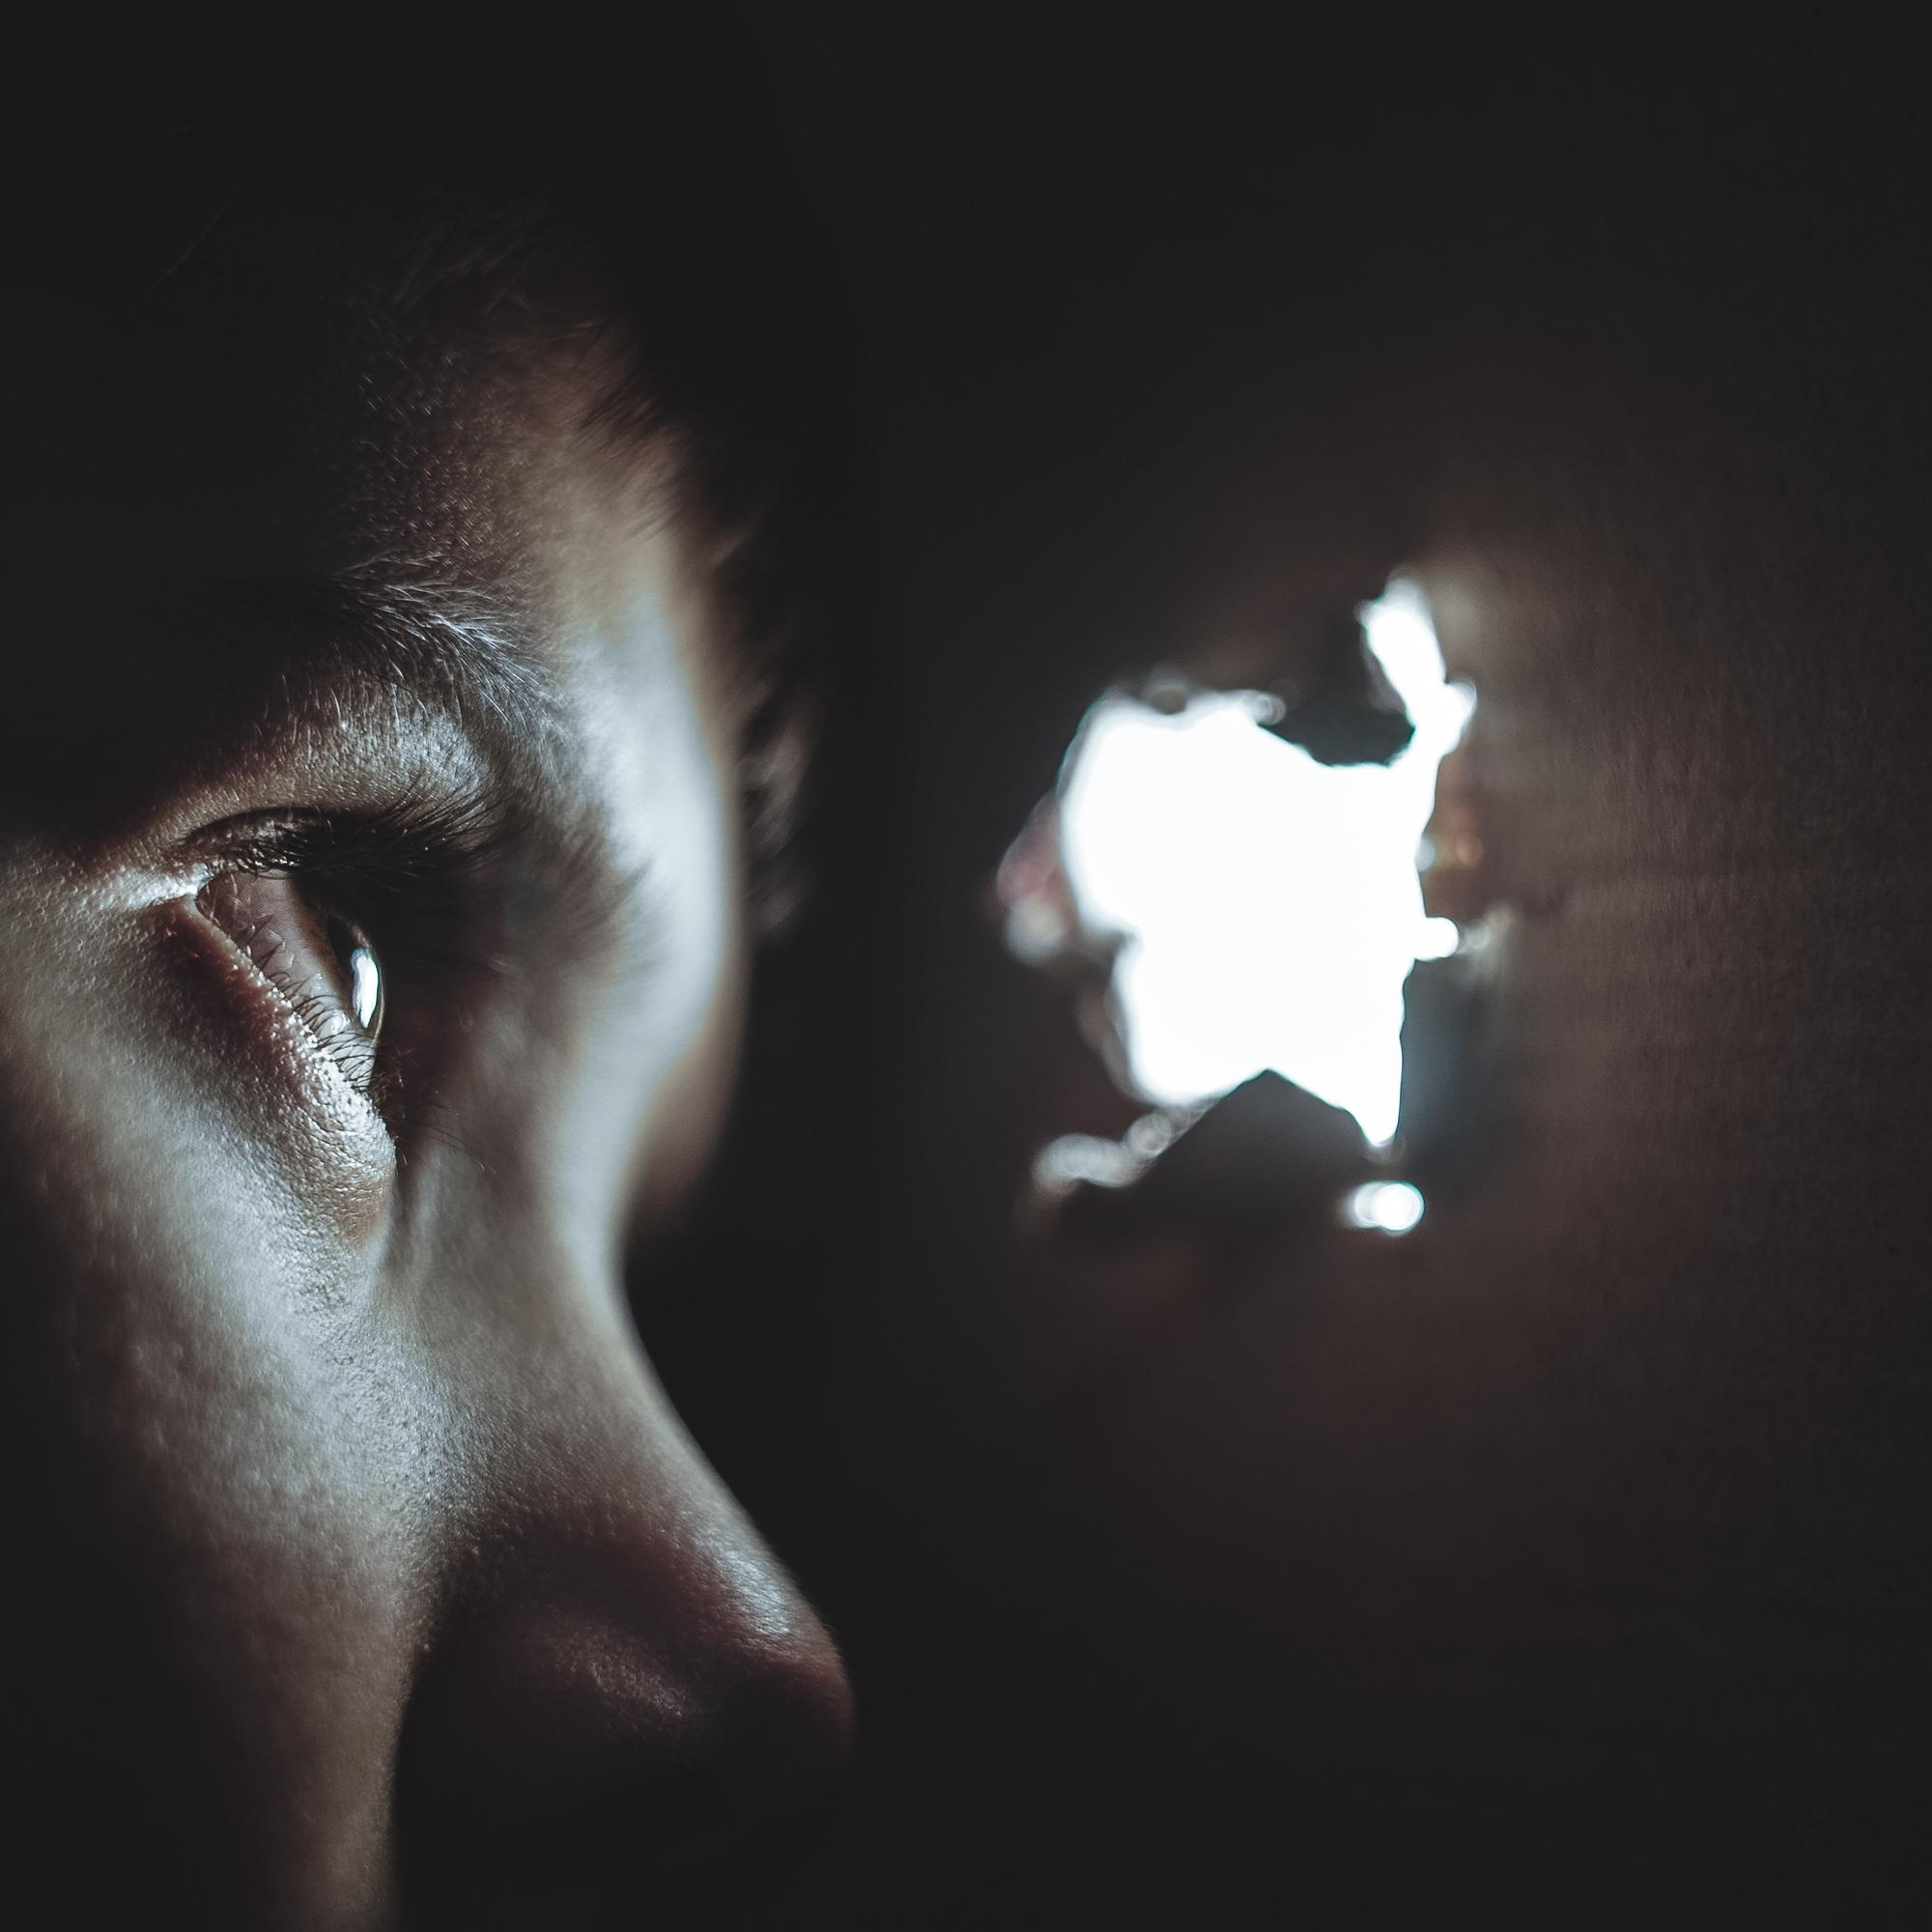 Foto: Kleiner Junge, der aus einem dunklen Versteck durch Loch nach draussen blickt